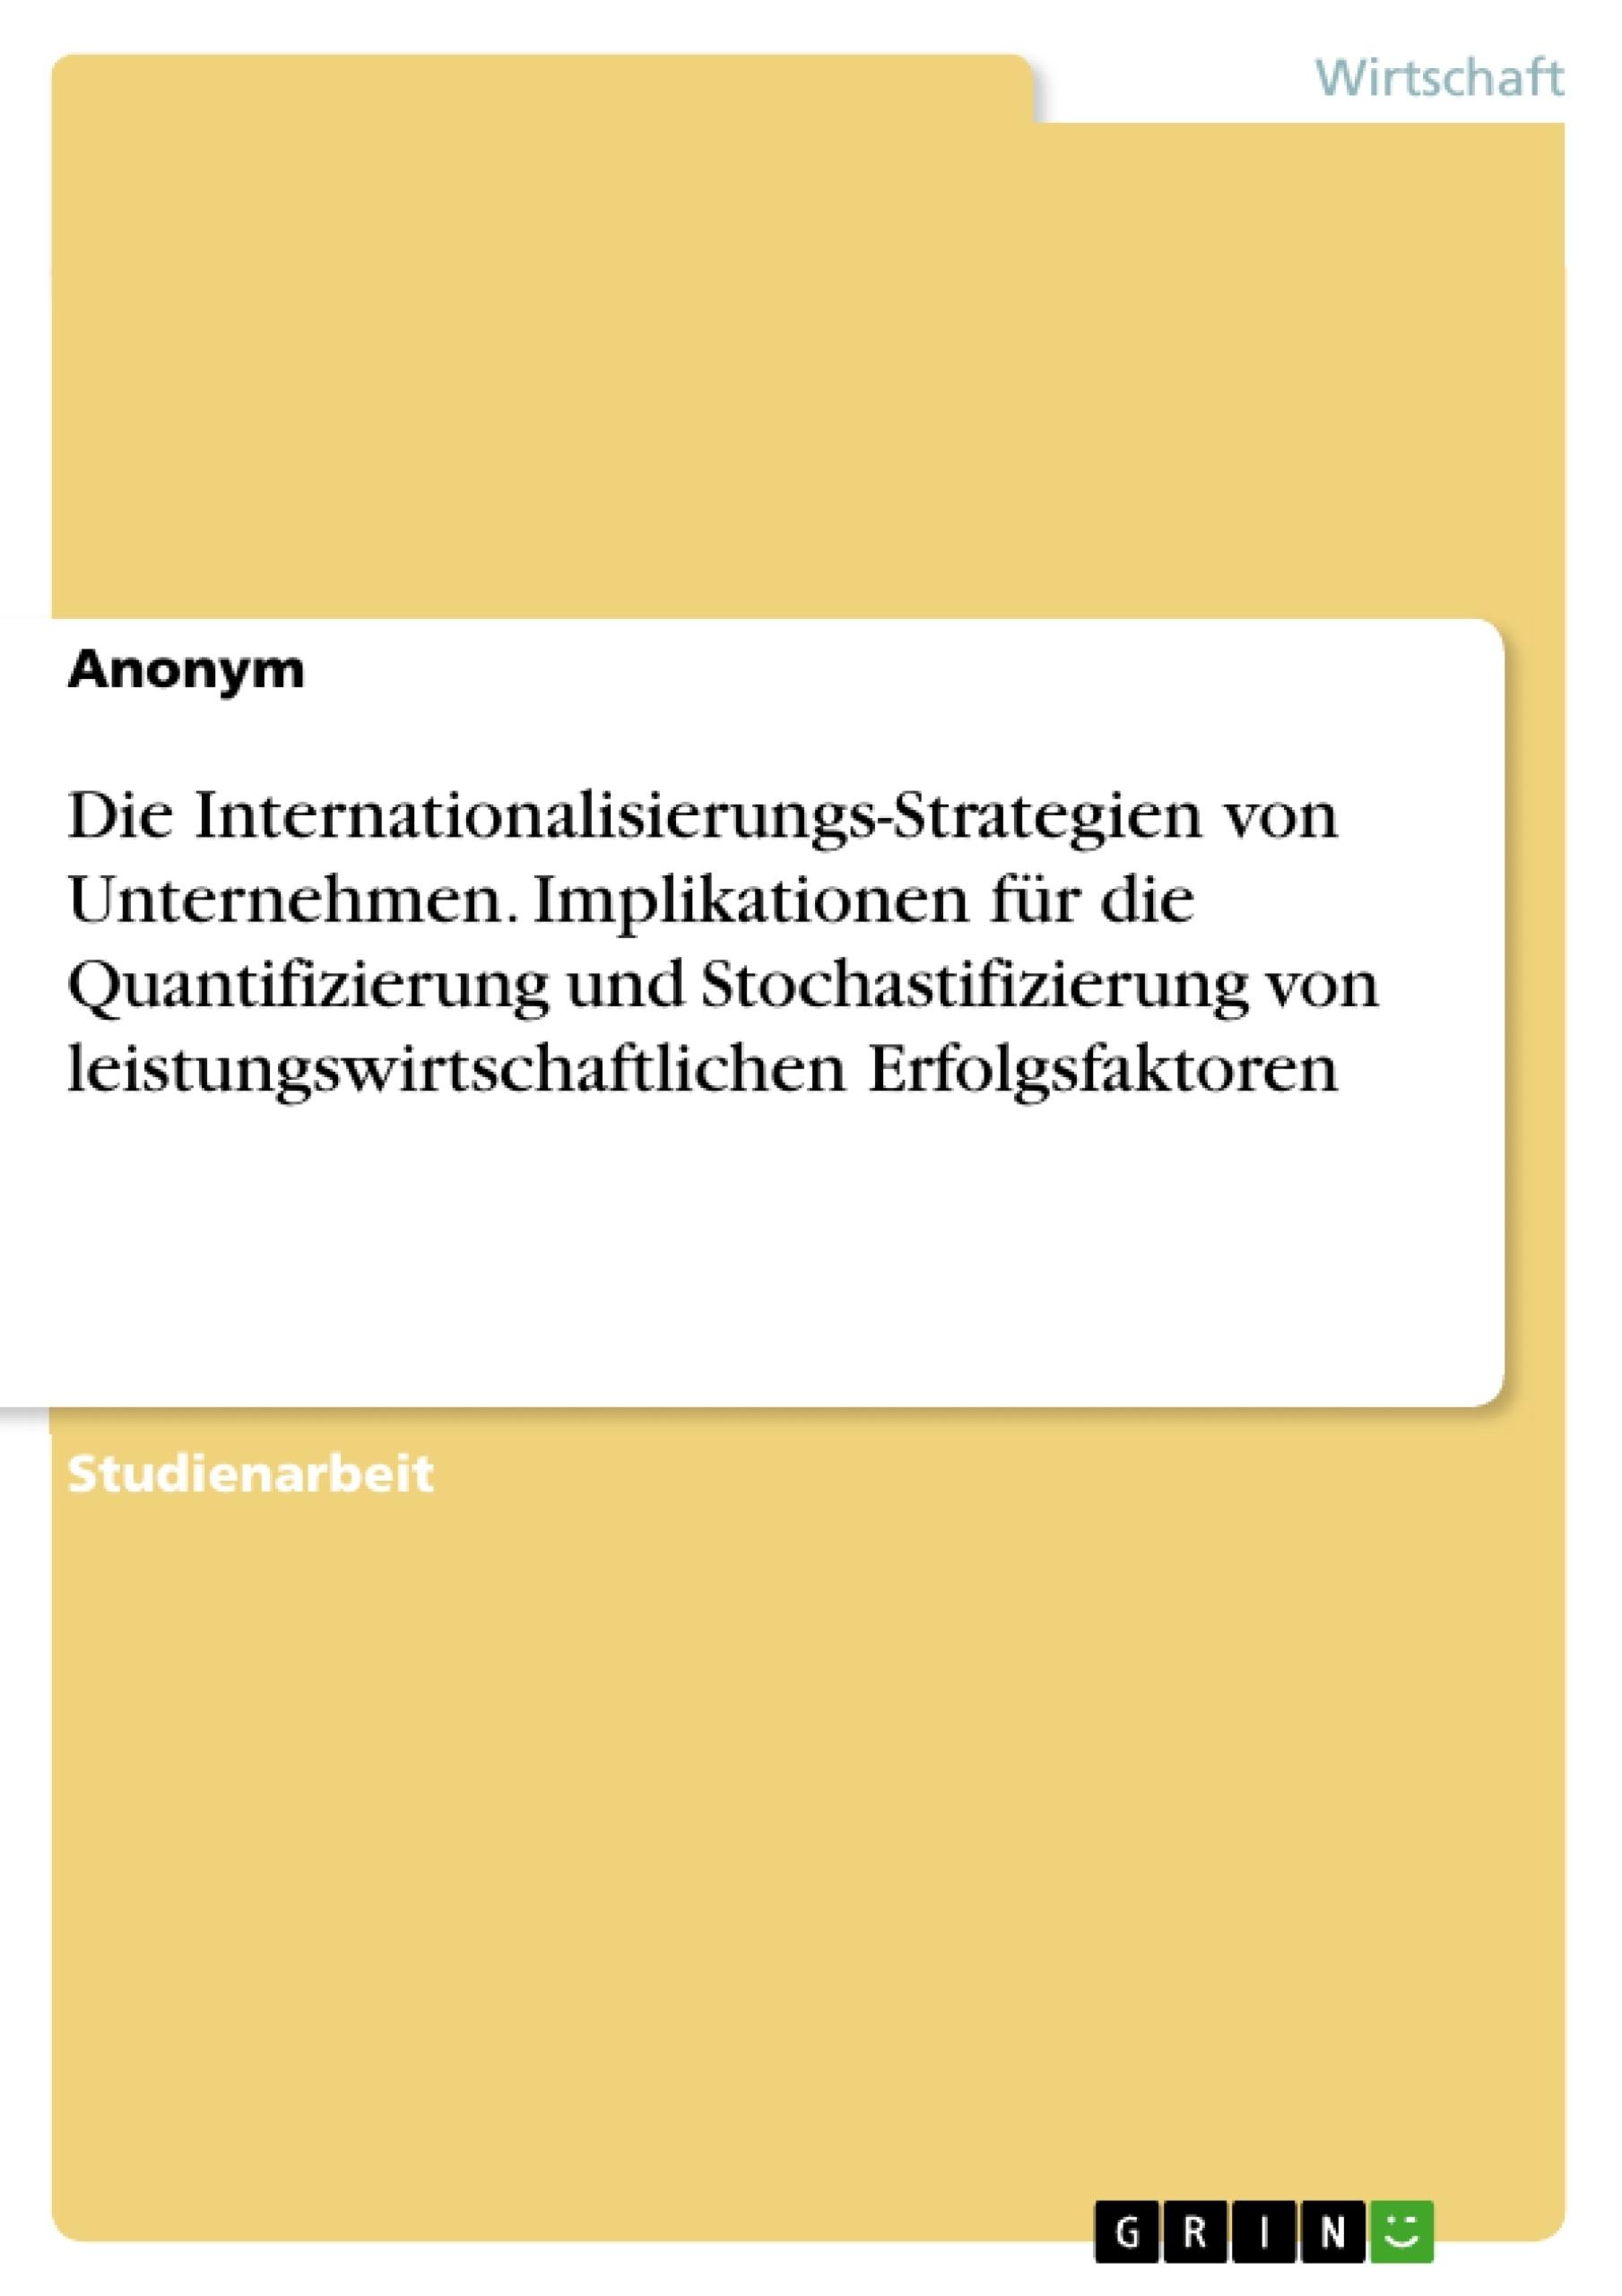 Titel: Die Internationalisierungs-Strategien von Unternehmen. Implikationen für die Quantifizierung und Stochastifizierung von leistungswirtschaftlichen Erfolgsfaktoren